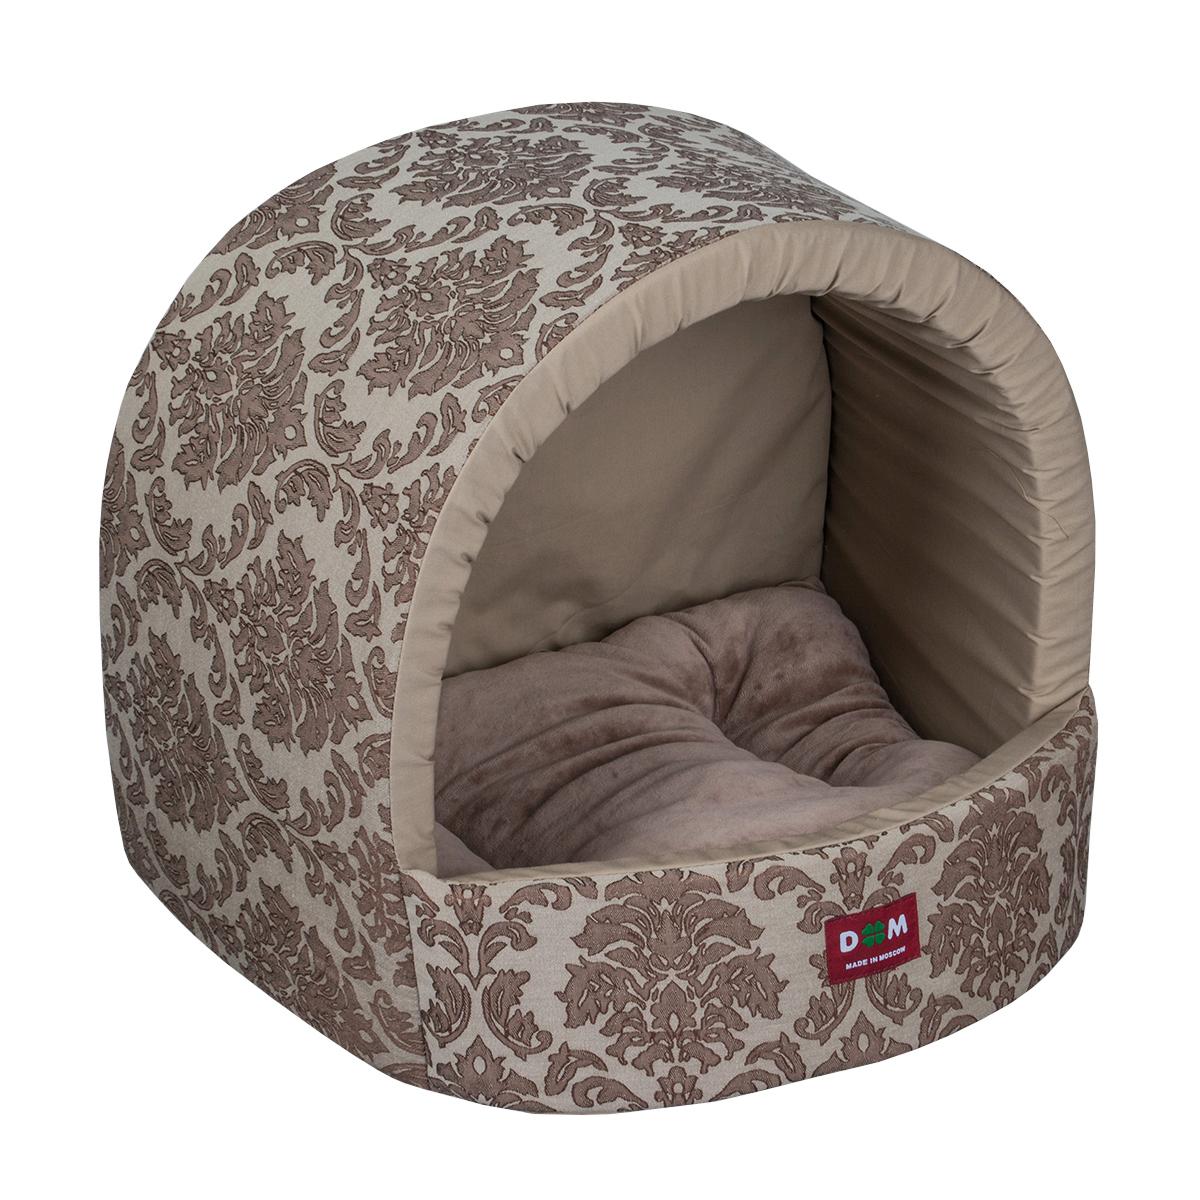 Домик для животных Dogmoda Ампир. DM-160284DM-160284У собаки, как и у человека, должно быть свое собственное место для отдыха, своя постель. Эту роль для домашних питомцев играет специальный лежак.